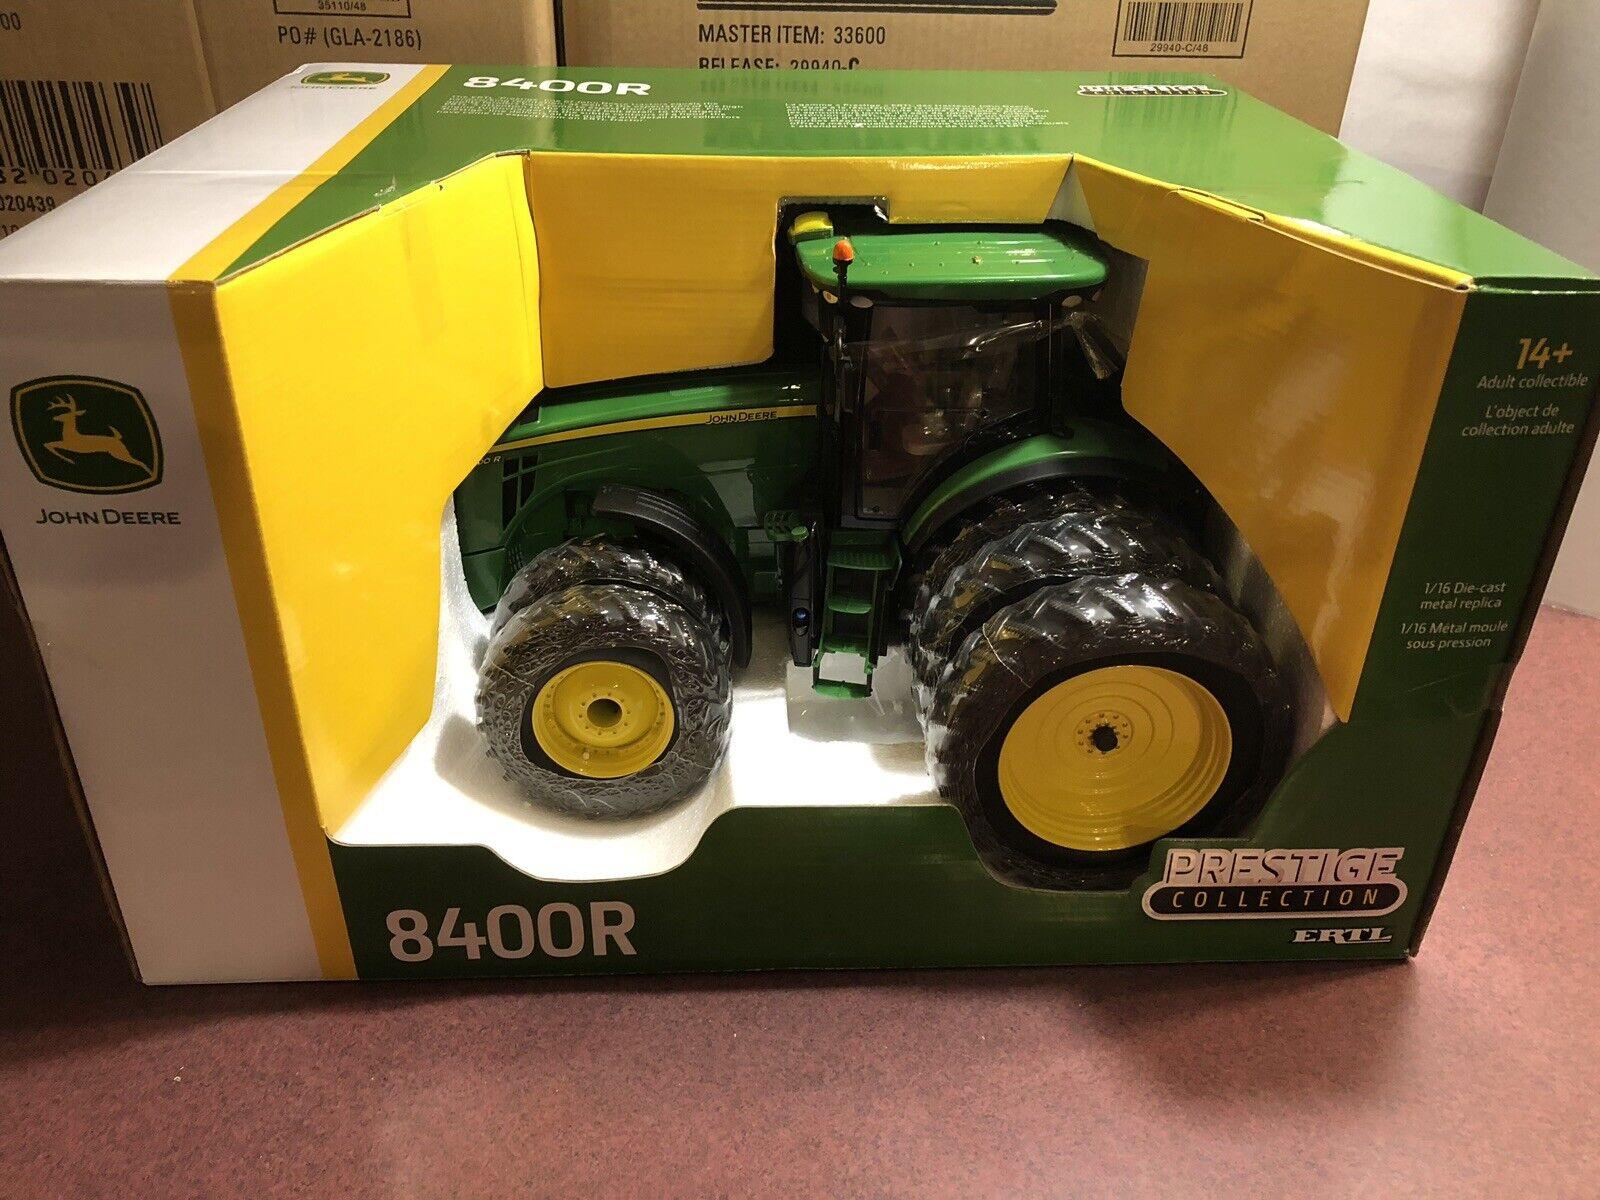 ERTL 1  16 PRESTIGE COLLECTION JOHN DEERE 8400R tracteur avec triple arrière  promotions d'équipe